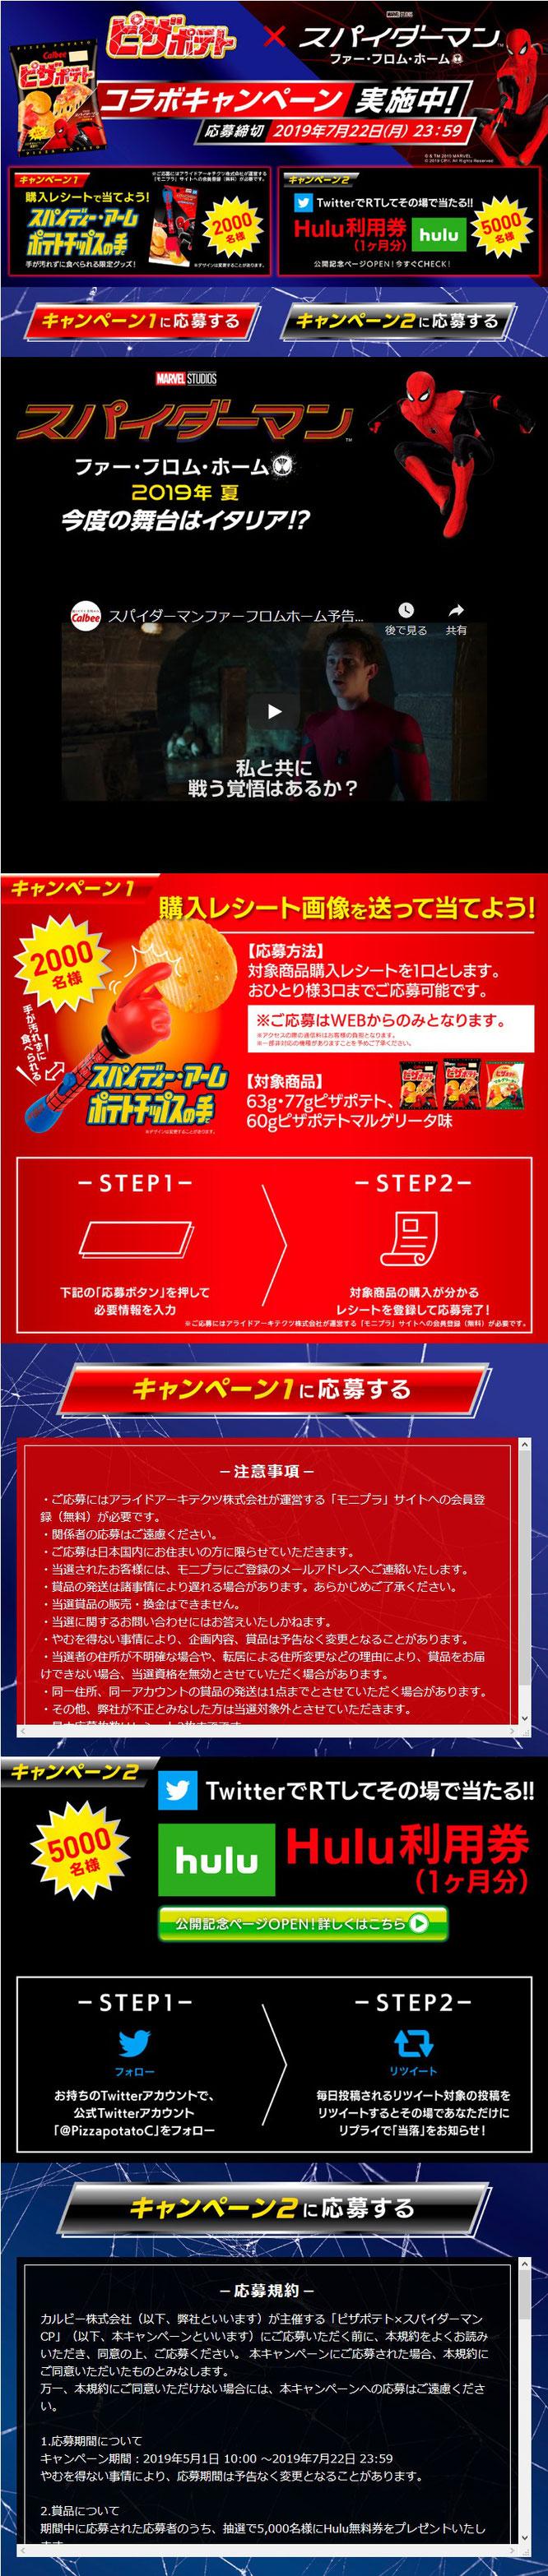 【カルビー】ピザポテト スパイダーマンコラボキャンペーン